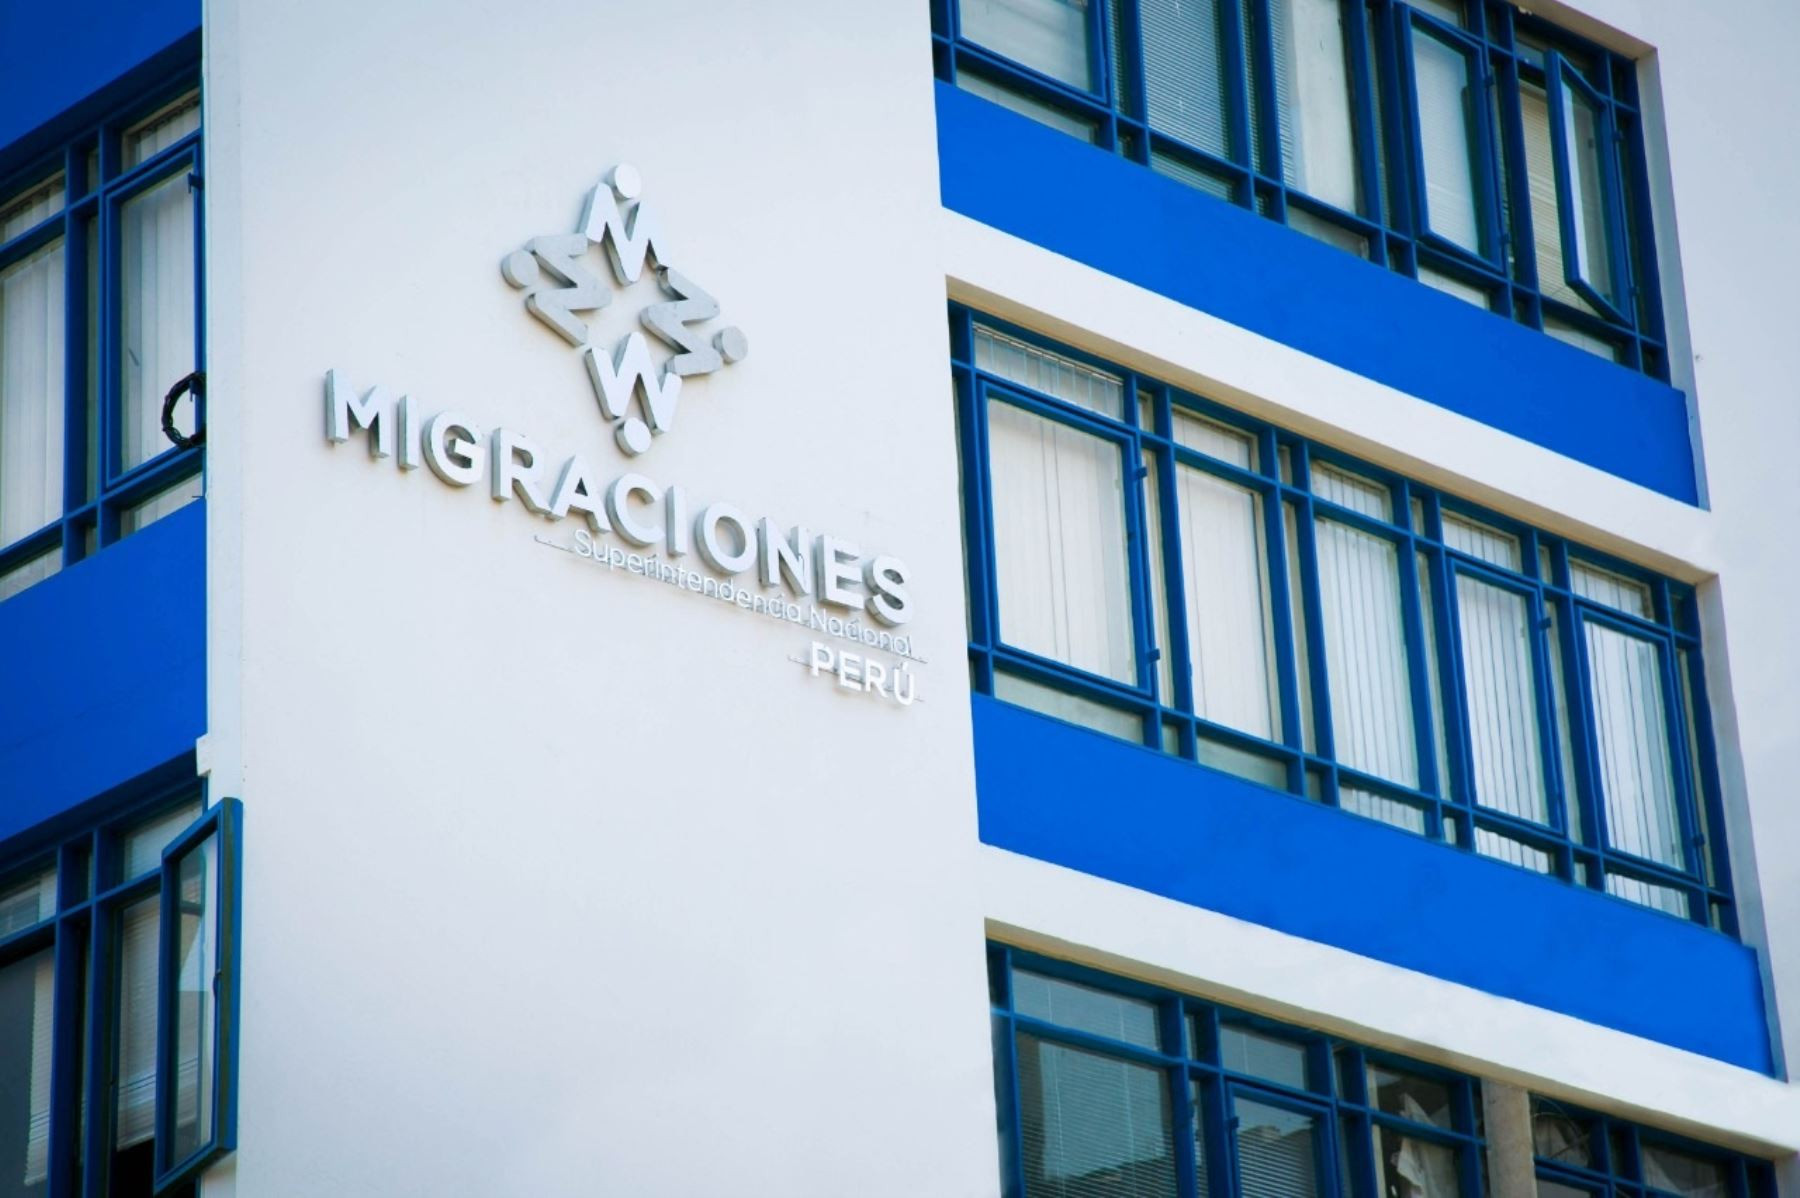 Gobierno designa a nueva superintendente de Migraciones